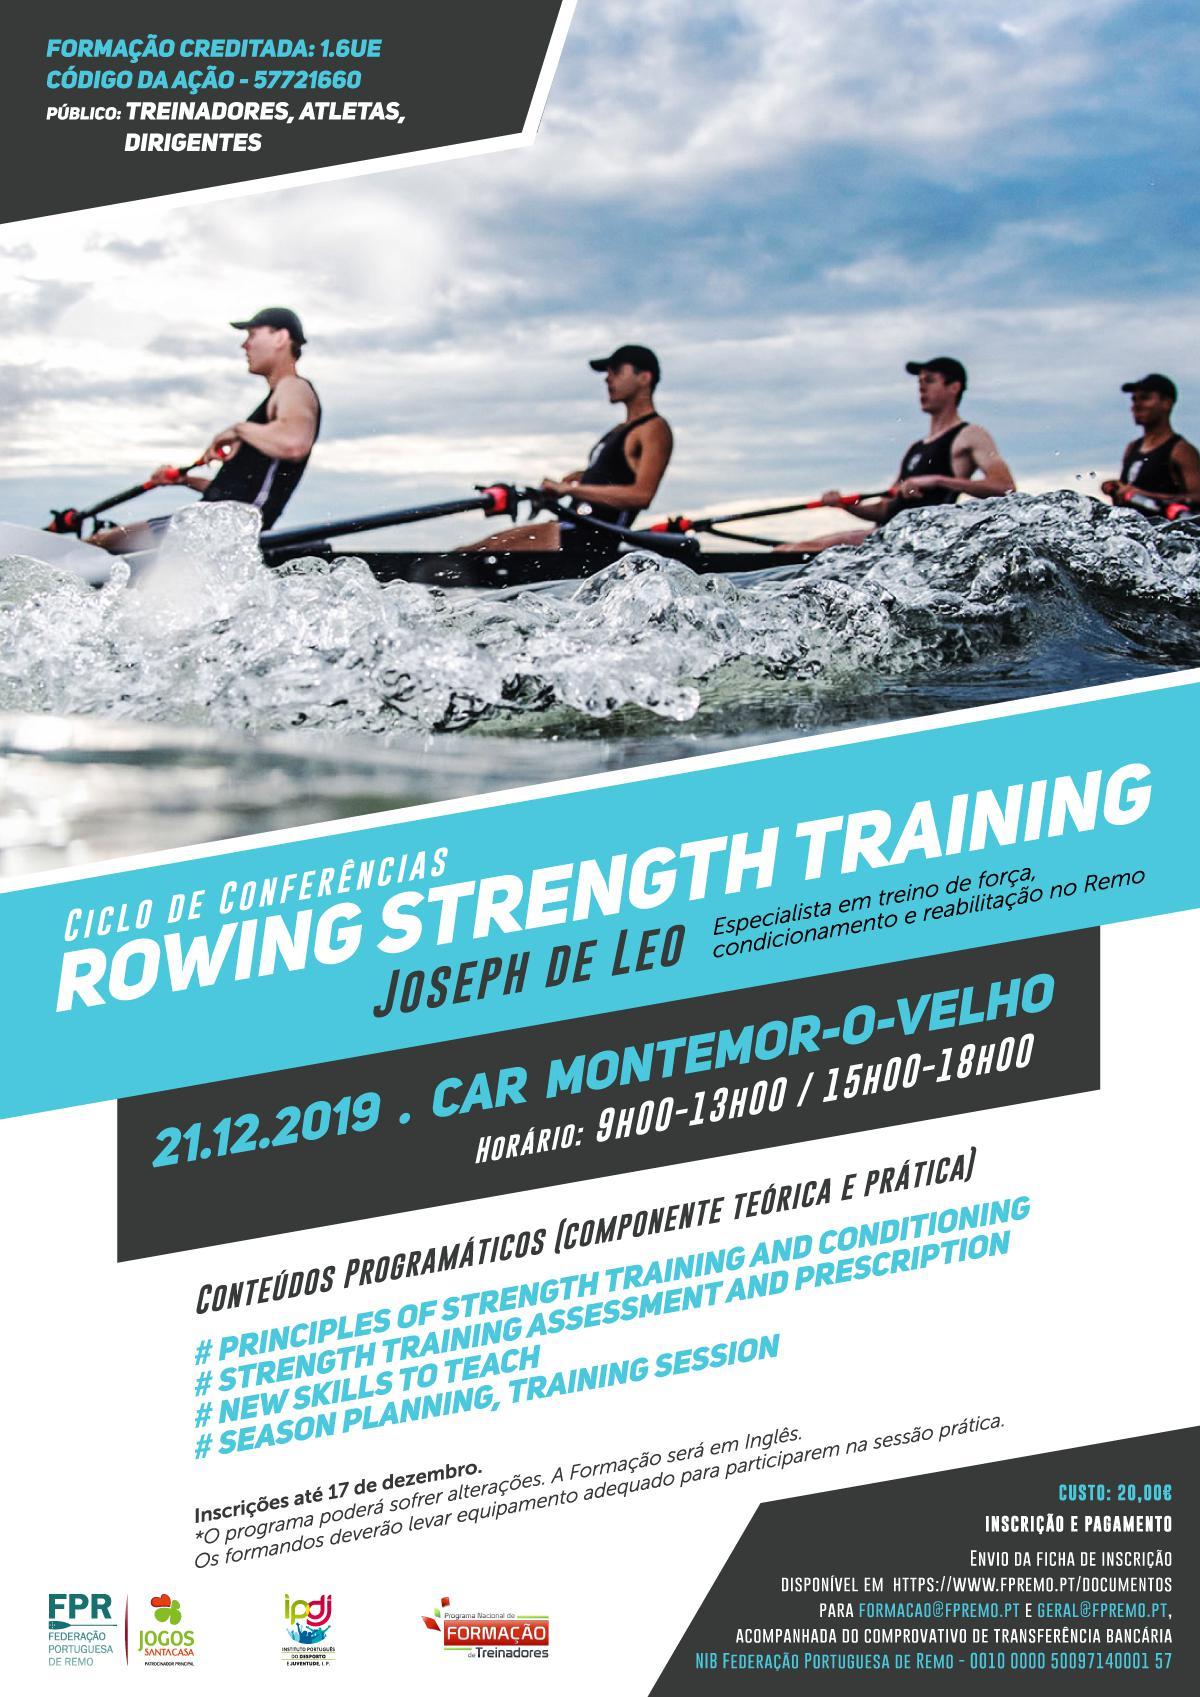 Ciclo de Conferências - Rowing Strength Training